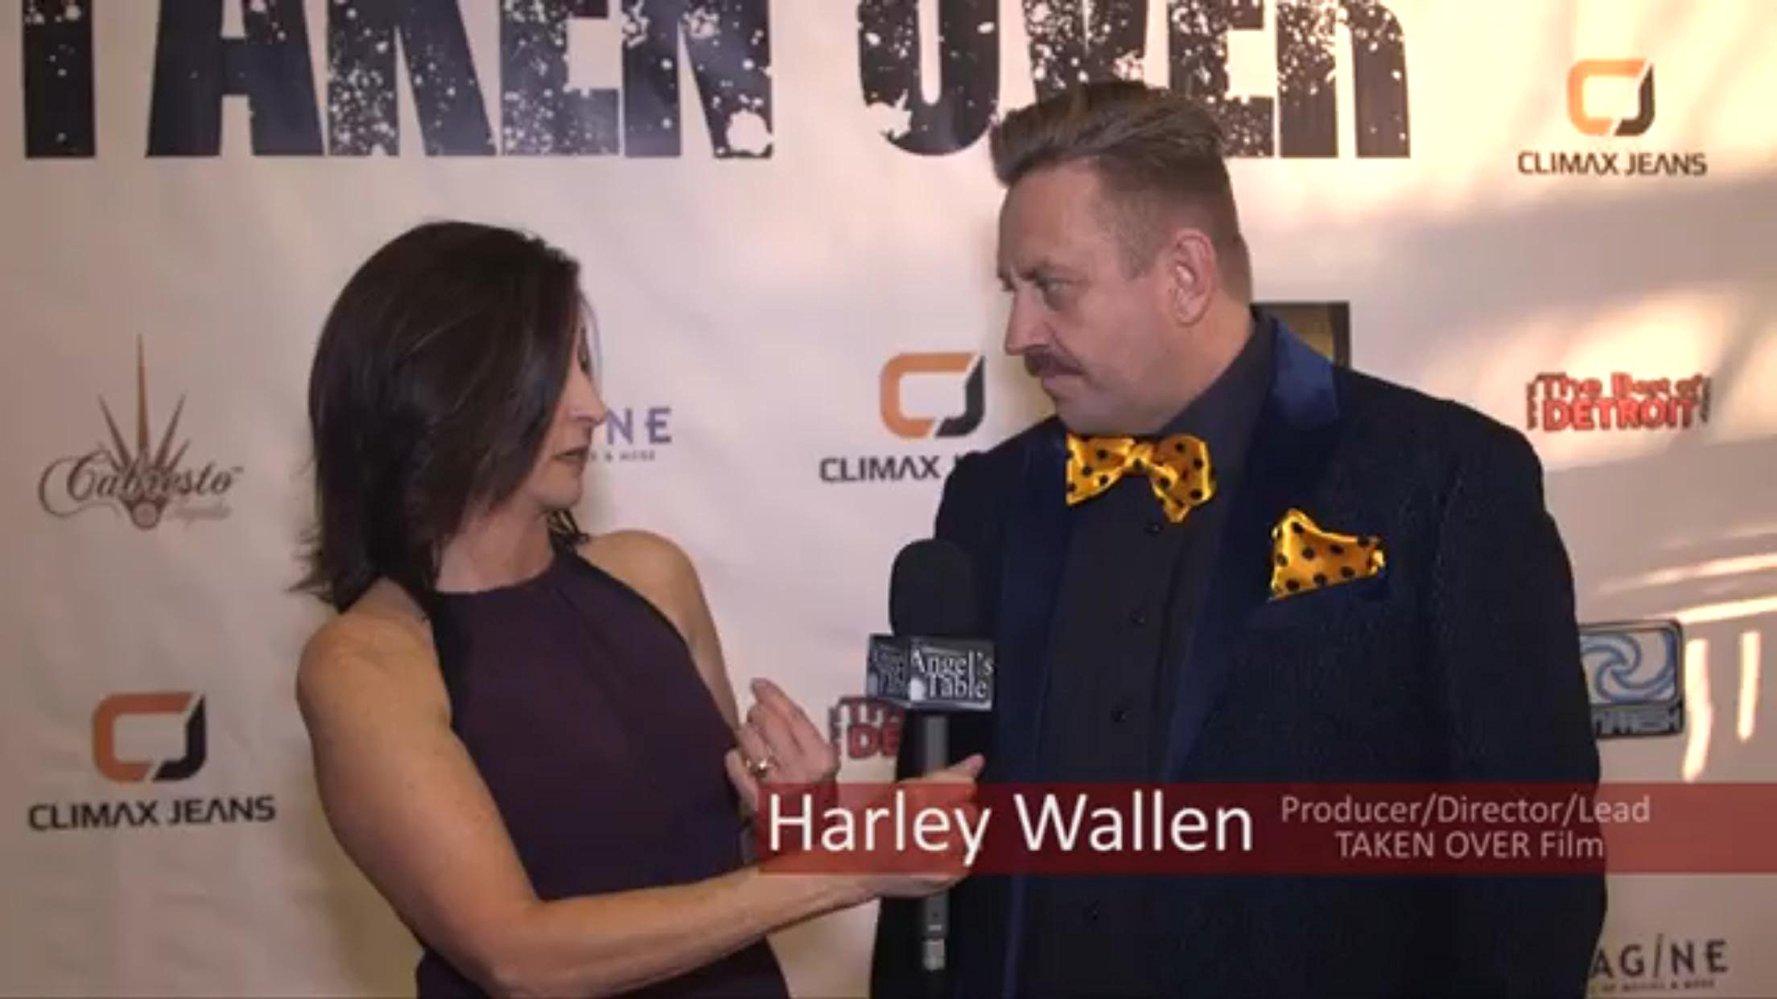 Harley Wallen